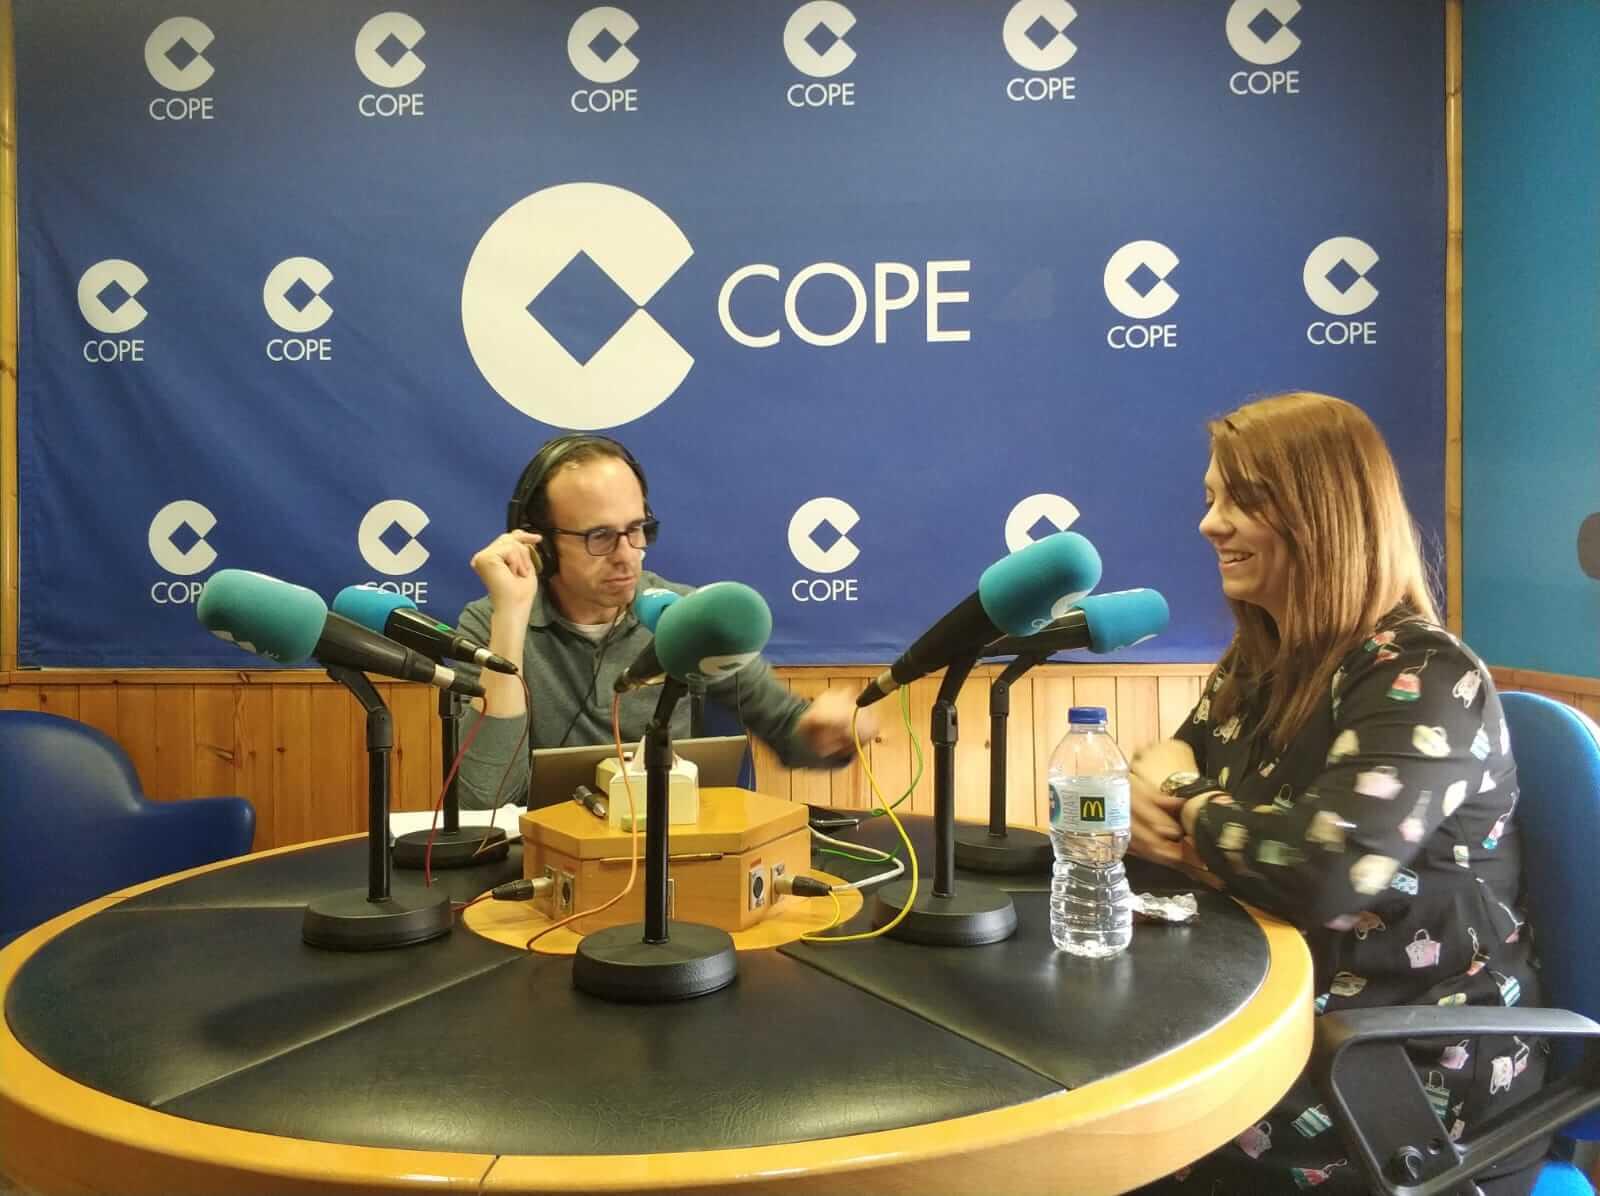 Entrevista en Cope Albacete - Almudena Palacios